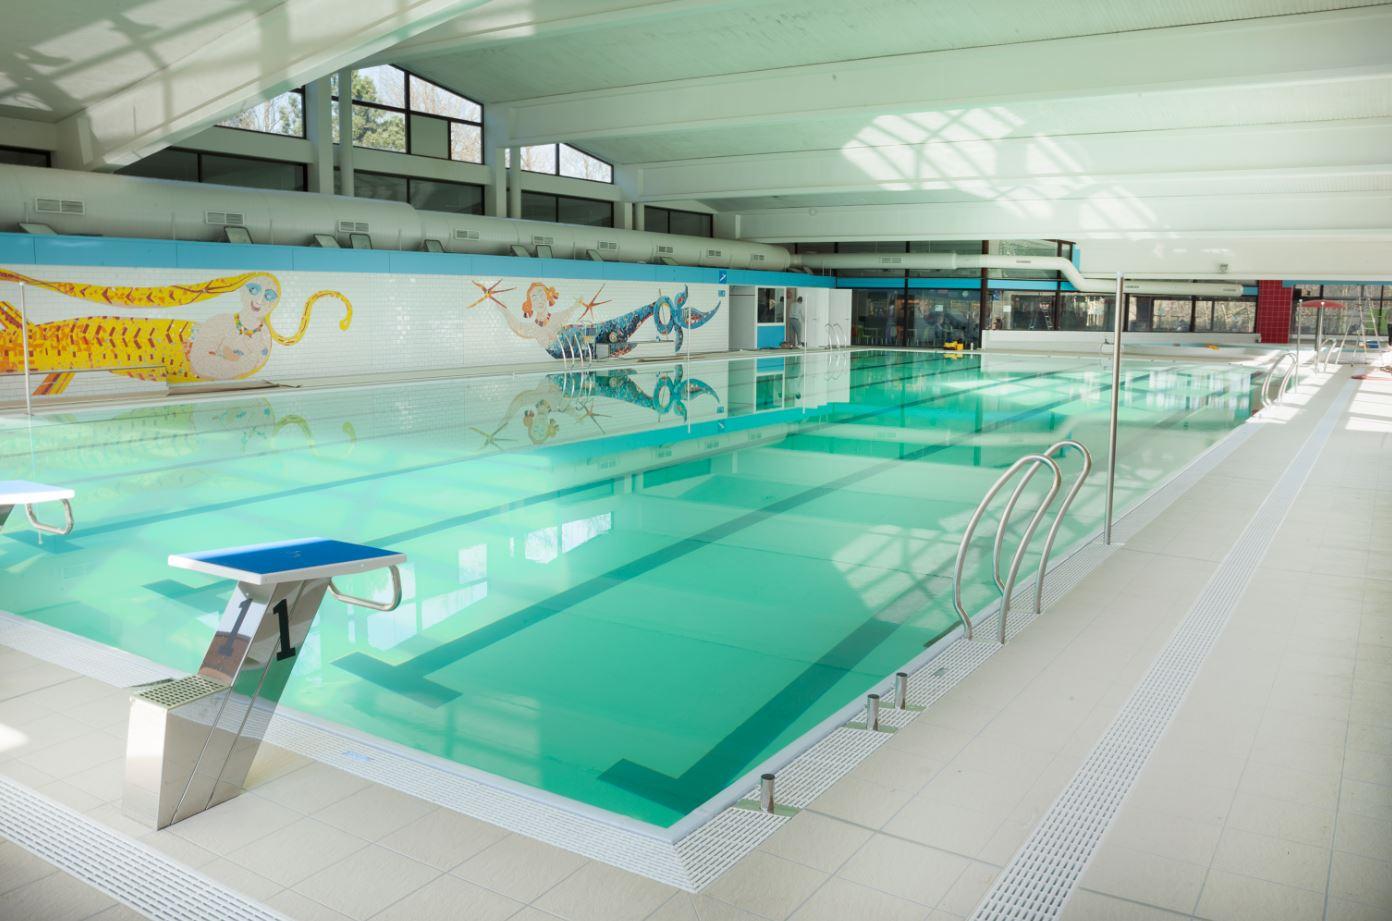 Ronveaux renovatie zwembad bouwers for Renovatie zwembad